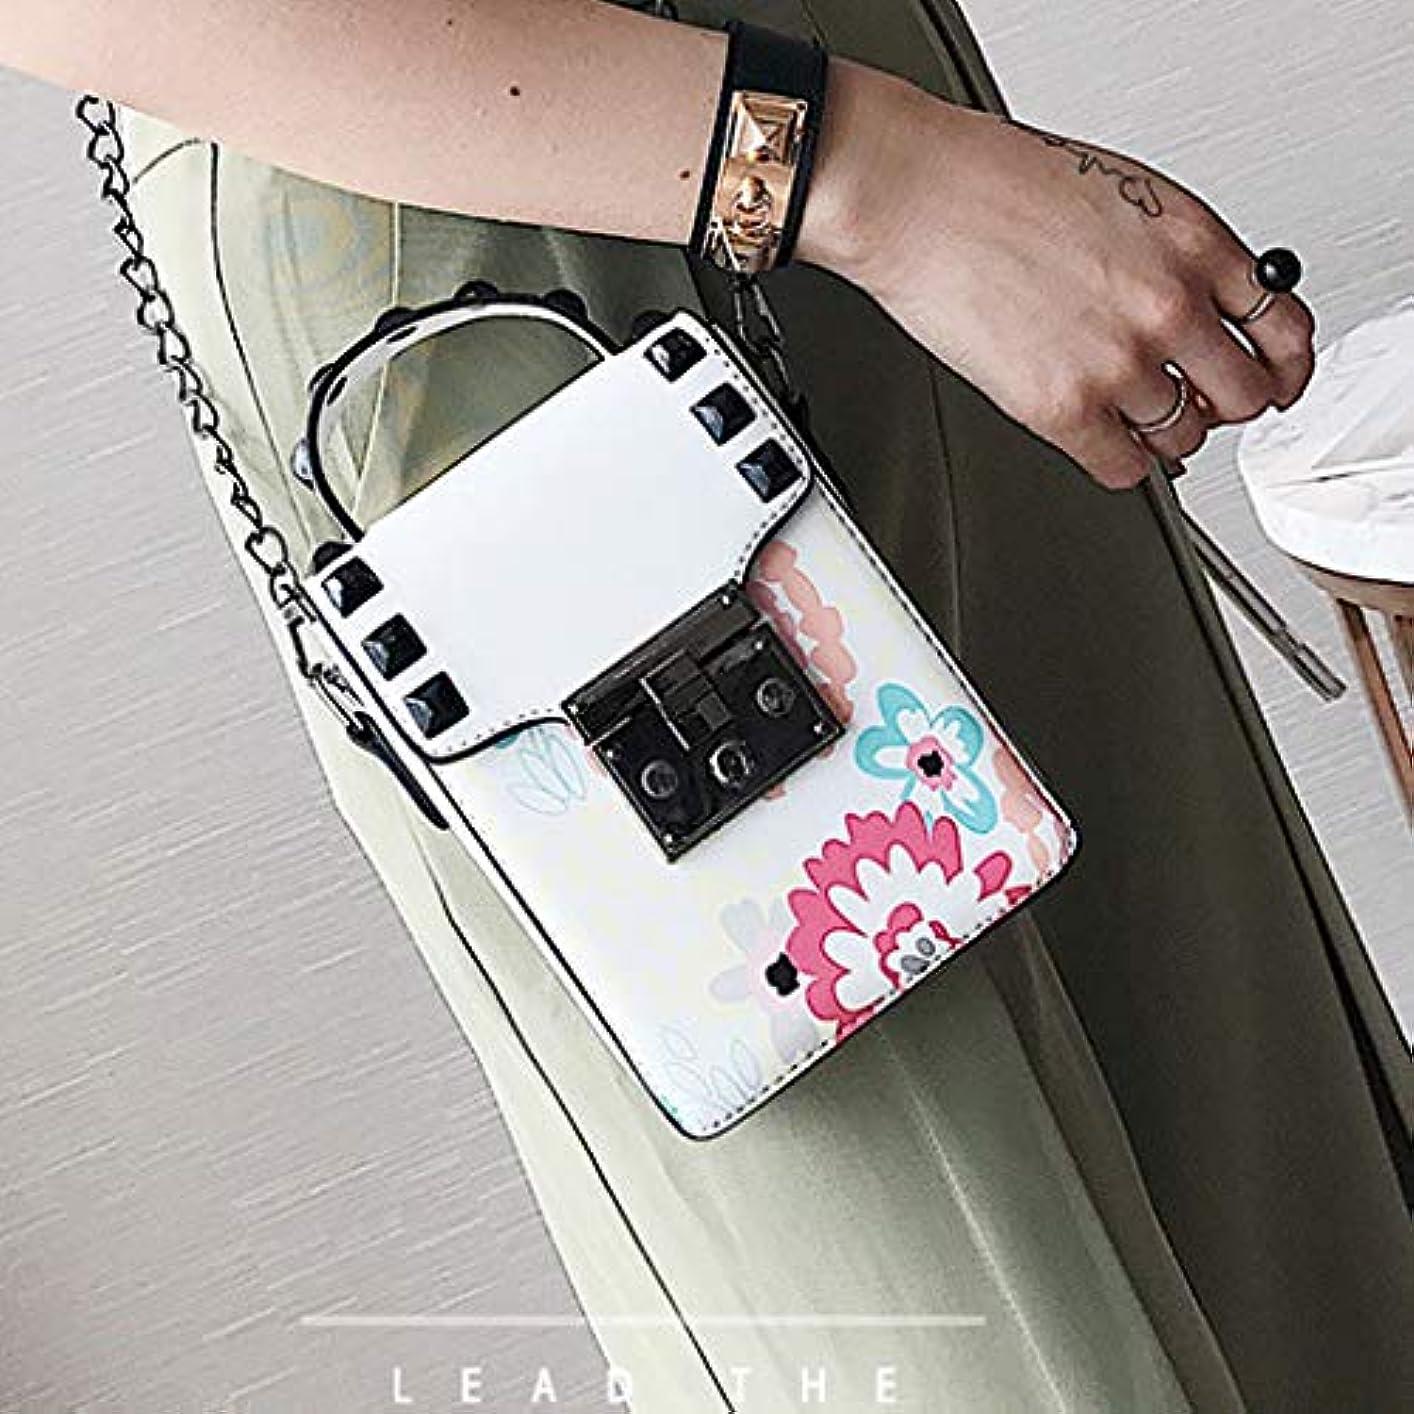 火山学抽選本質的に女性印刷リベットチェーンショルダーバッグレディースキャンパススタイルクロスボディバッグ、ファッショントレンド新しいクロスボディバッグ、チェーンレディース小さなバッグ、プリントパターントレンド小さな財布 (白)